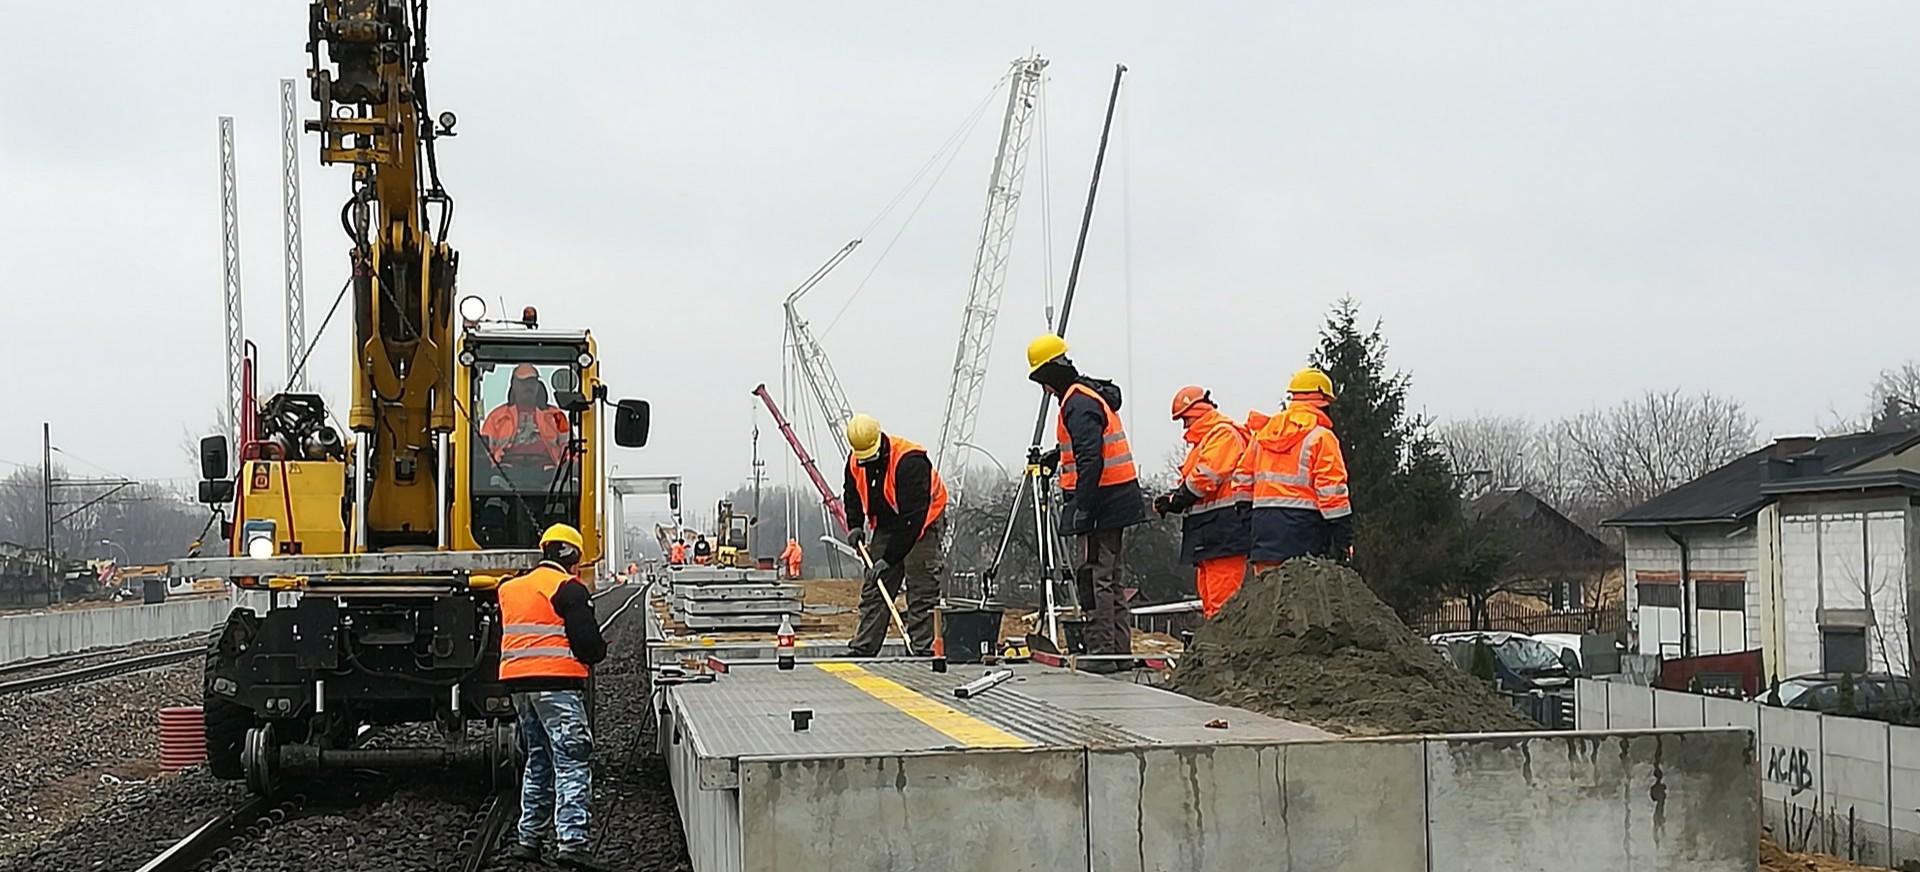 Powstaje przystanek kolejowy Rzeszów Zachodni. Trwa też remont stacji Rzeszów Główny